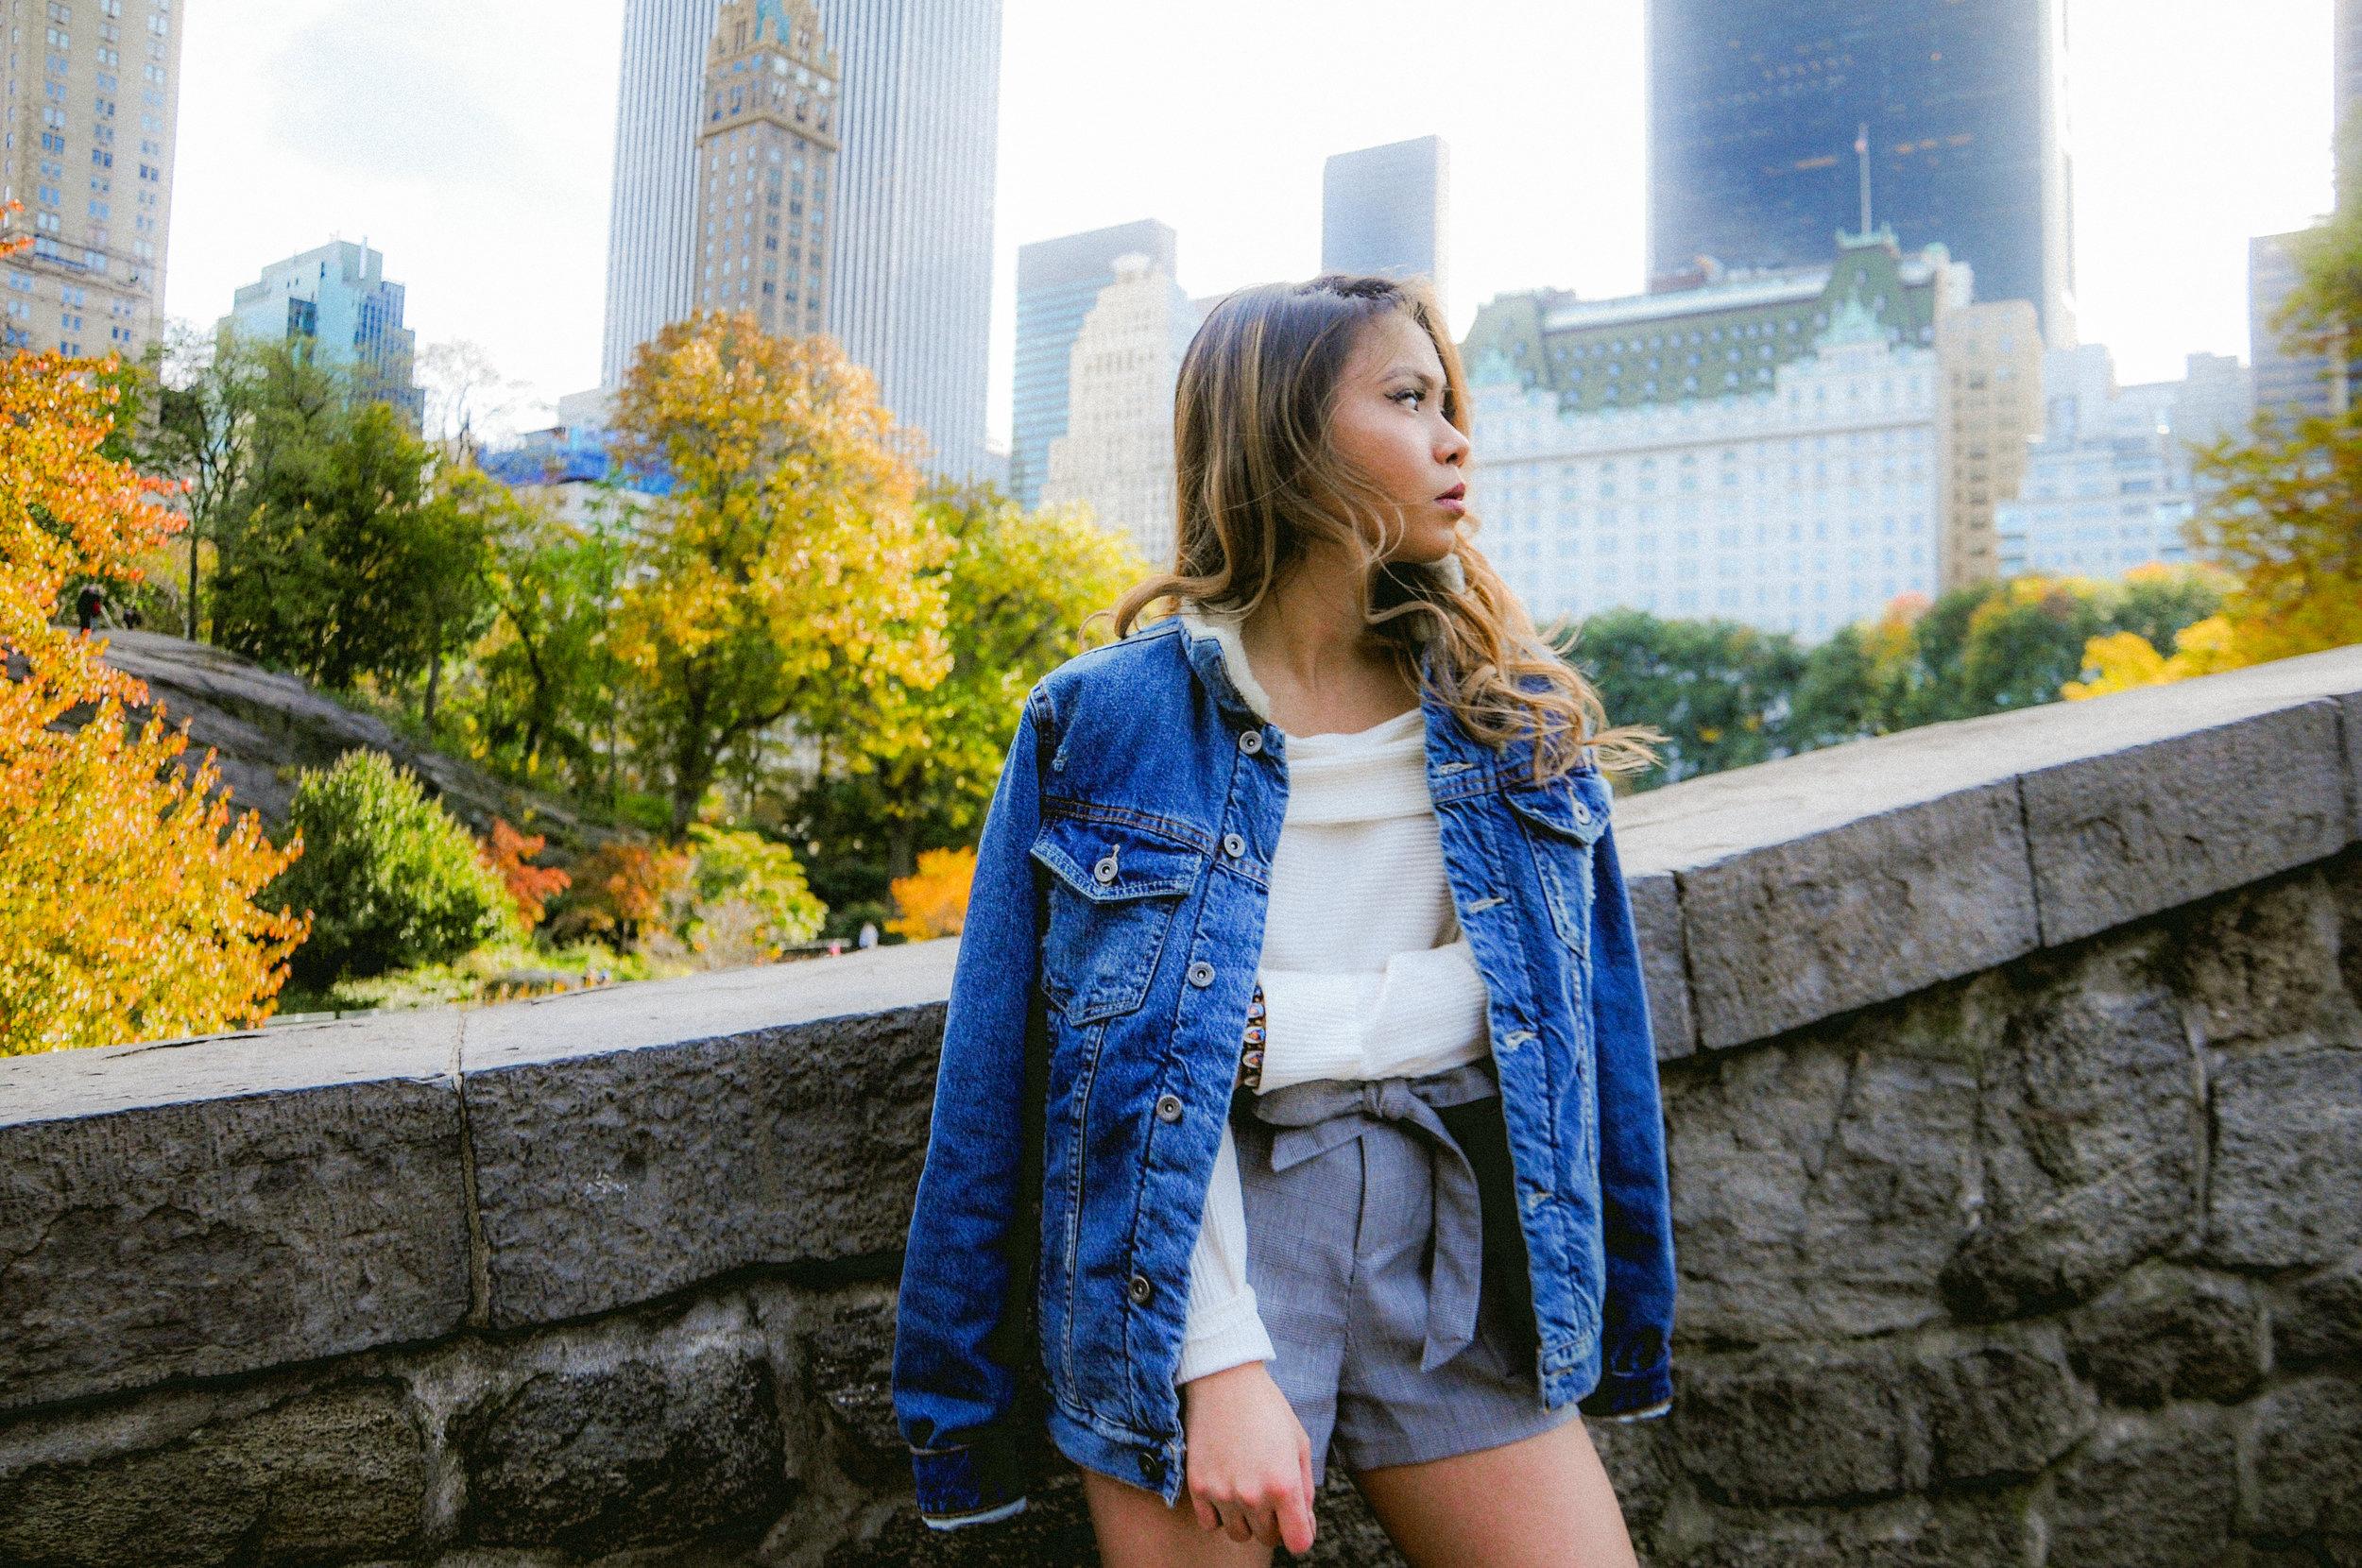 - Jacket: Zara Men'sTop: Zara TRF collectionShorts: Zara TRF collection